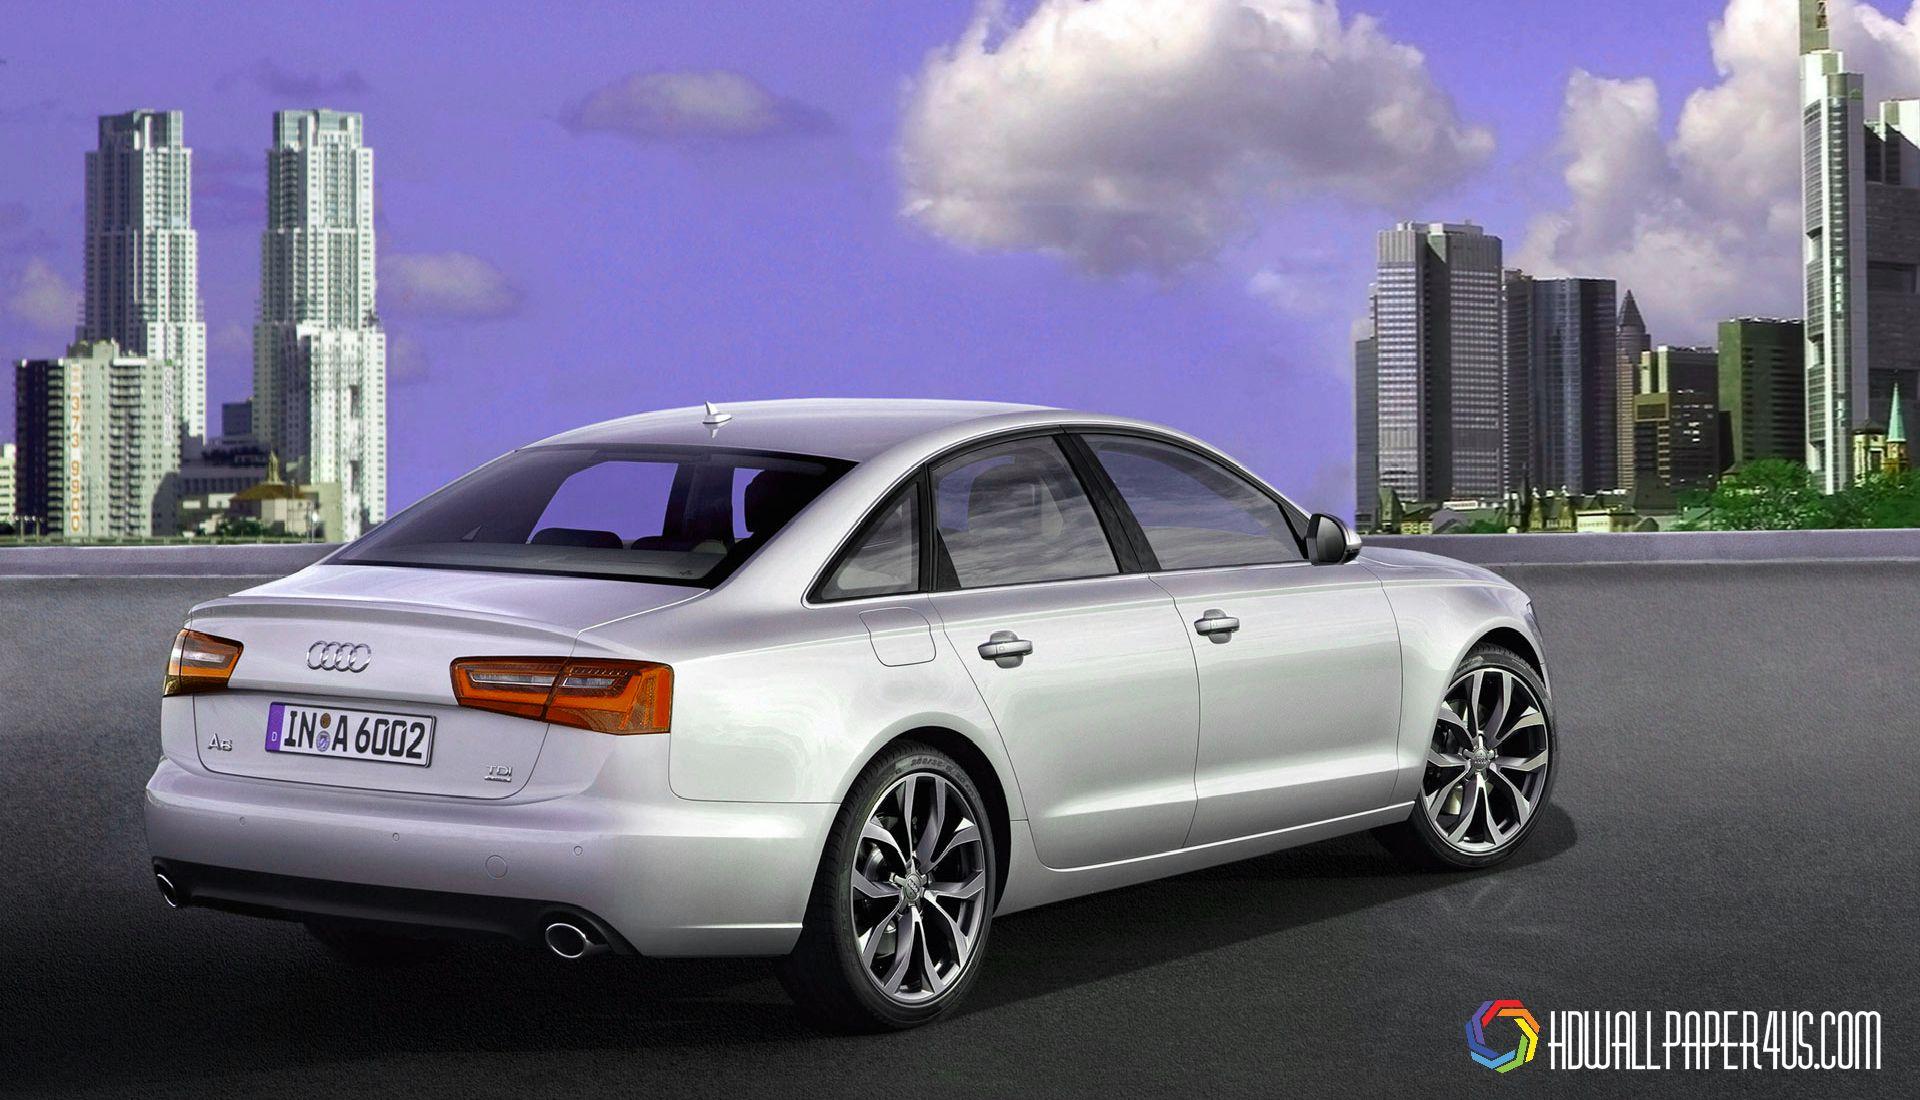 Download Audi A6 2012 Download Wallpaper Hd Hd Widescreen Wallpaper Or High Definition Widescreen Wallpapers From The Below Download Wallpaper Hd Audi A6 Audi